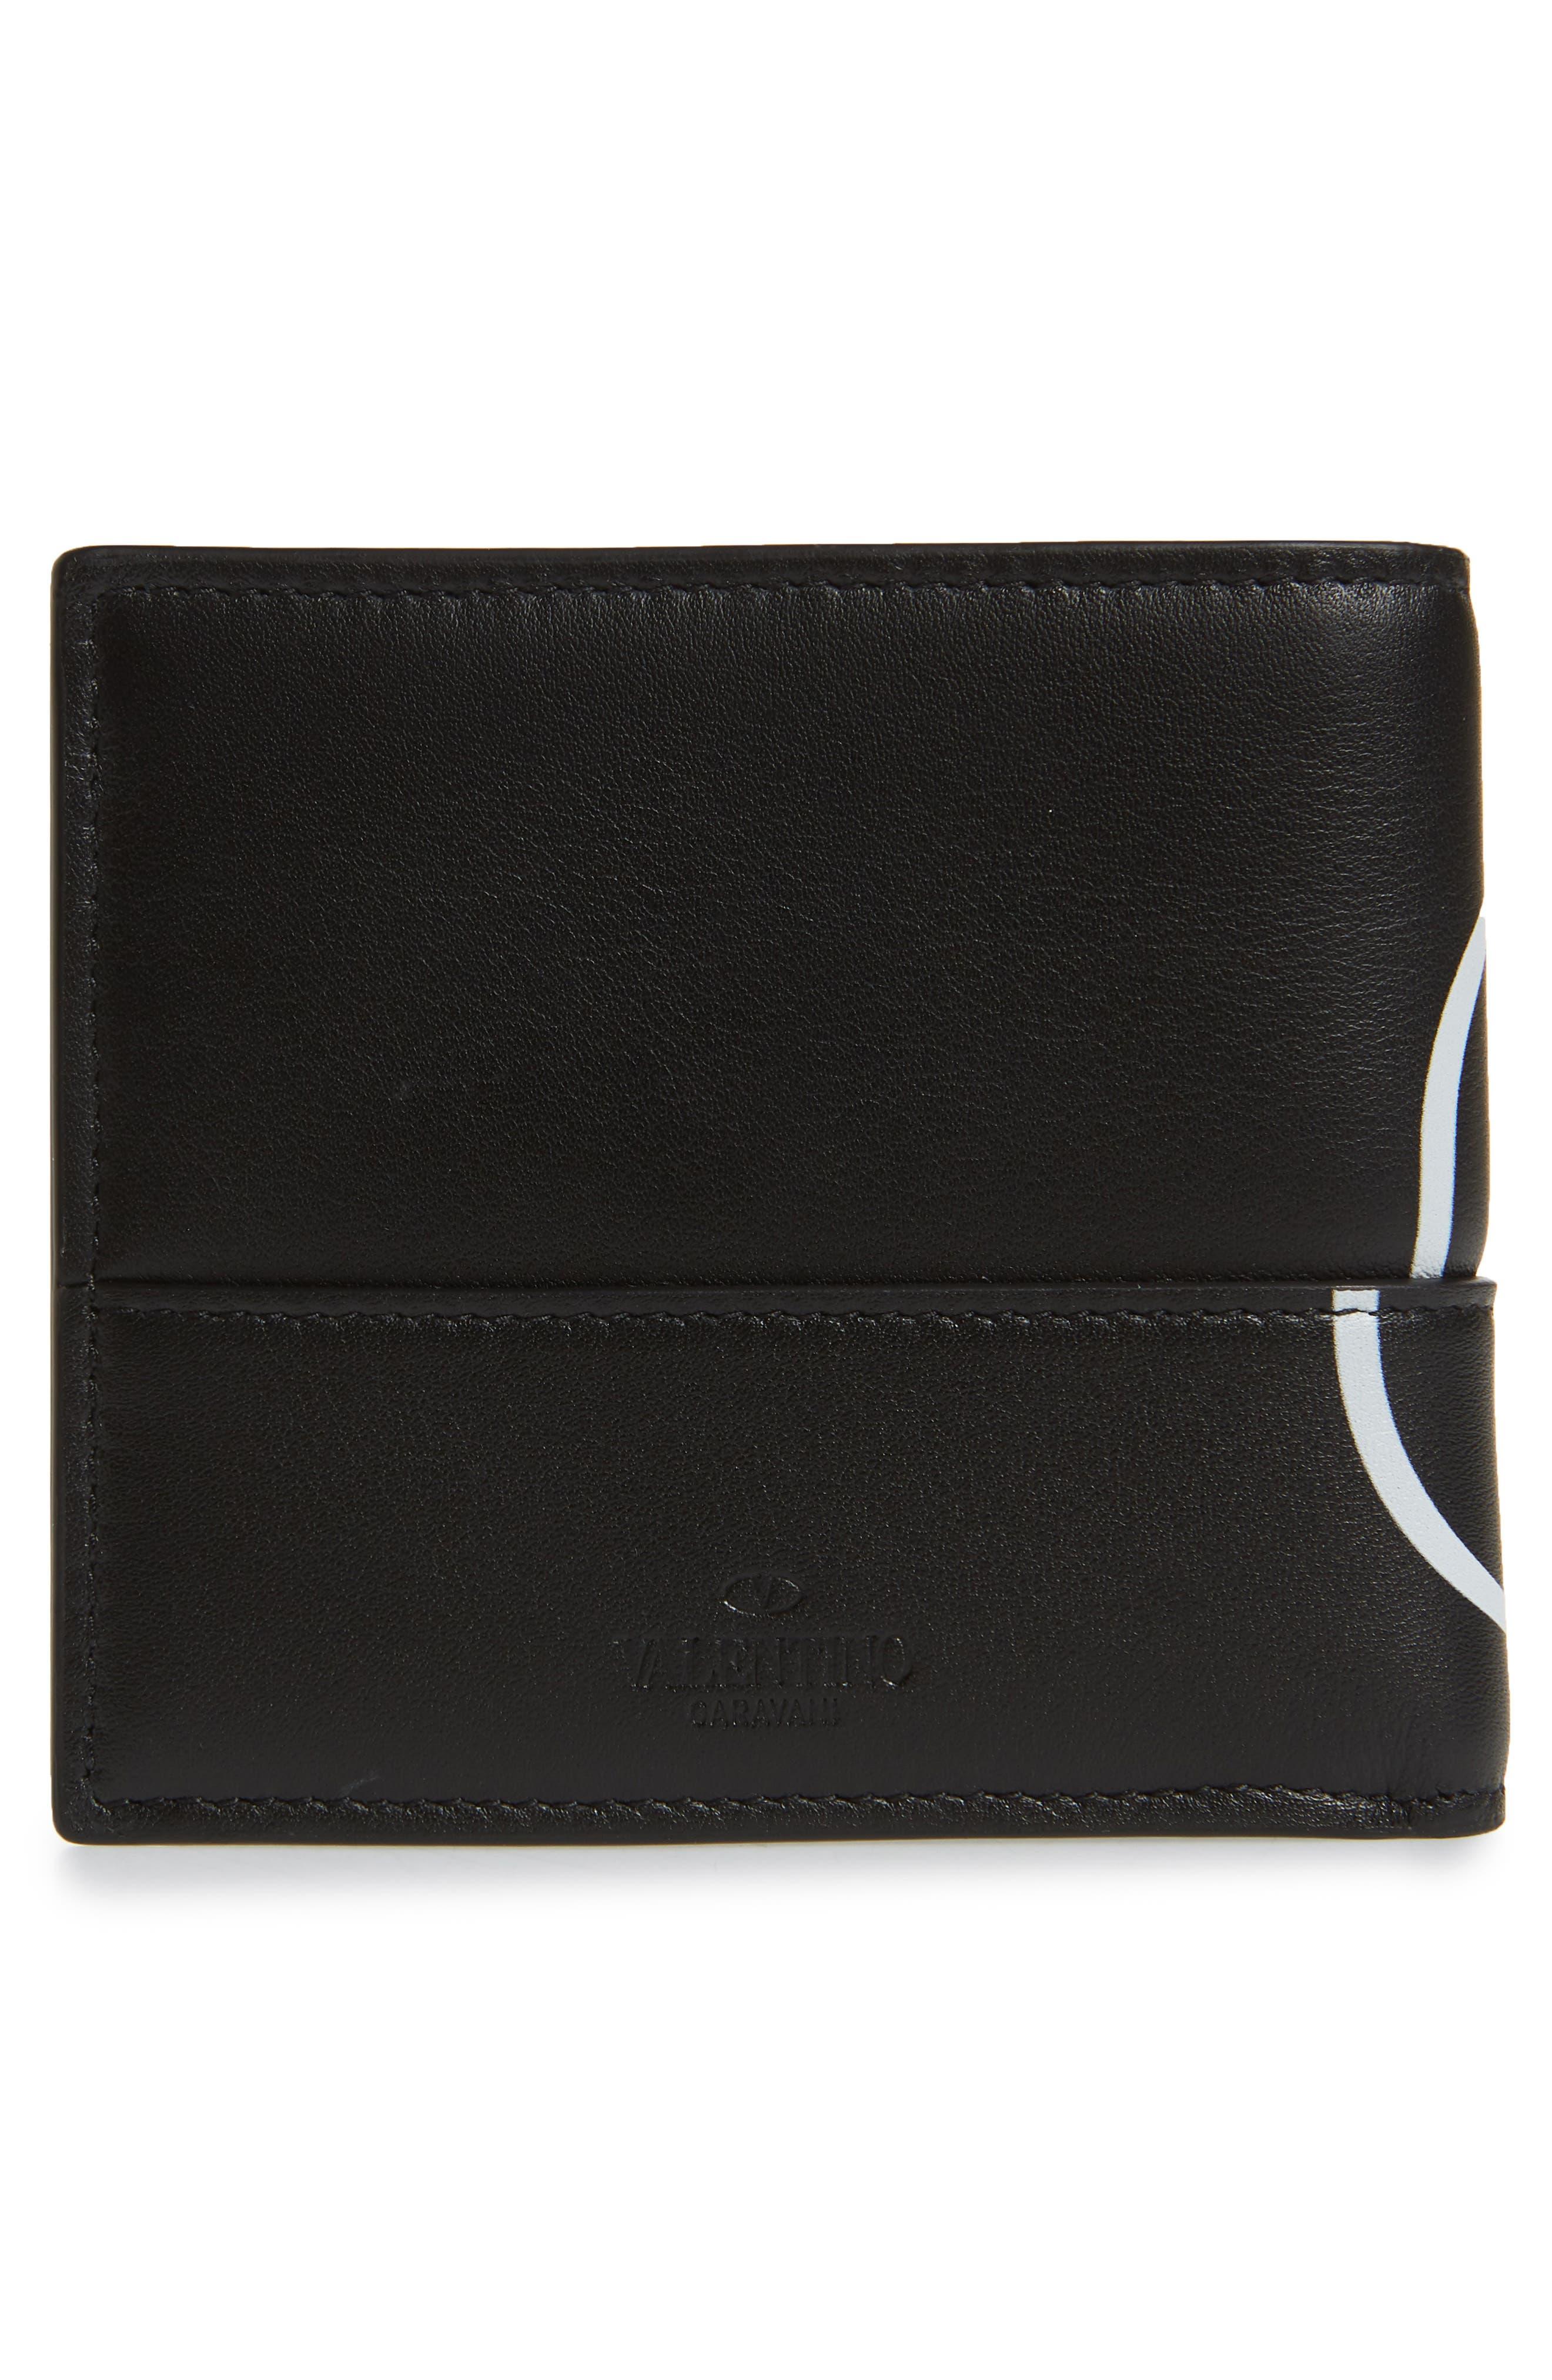 GARAVANI V-Logo Leather Wallet,                             Alternate thumbnail 3, color,                             BLACK WHITE